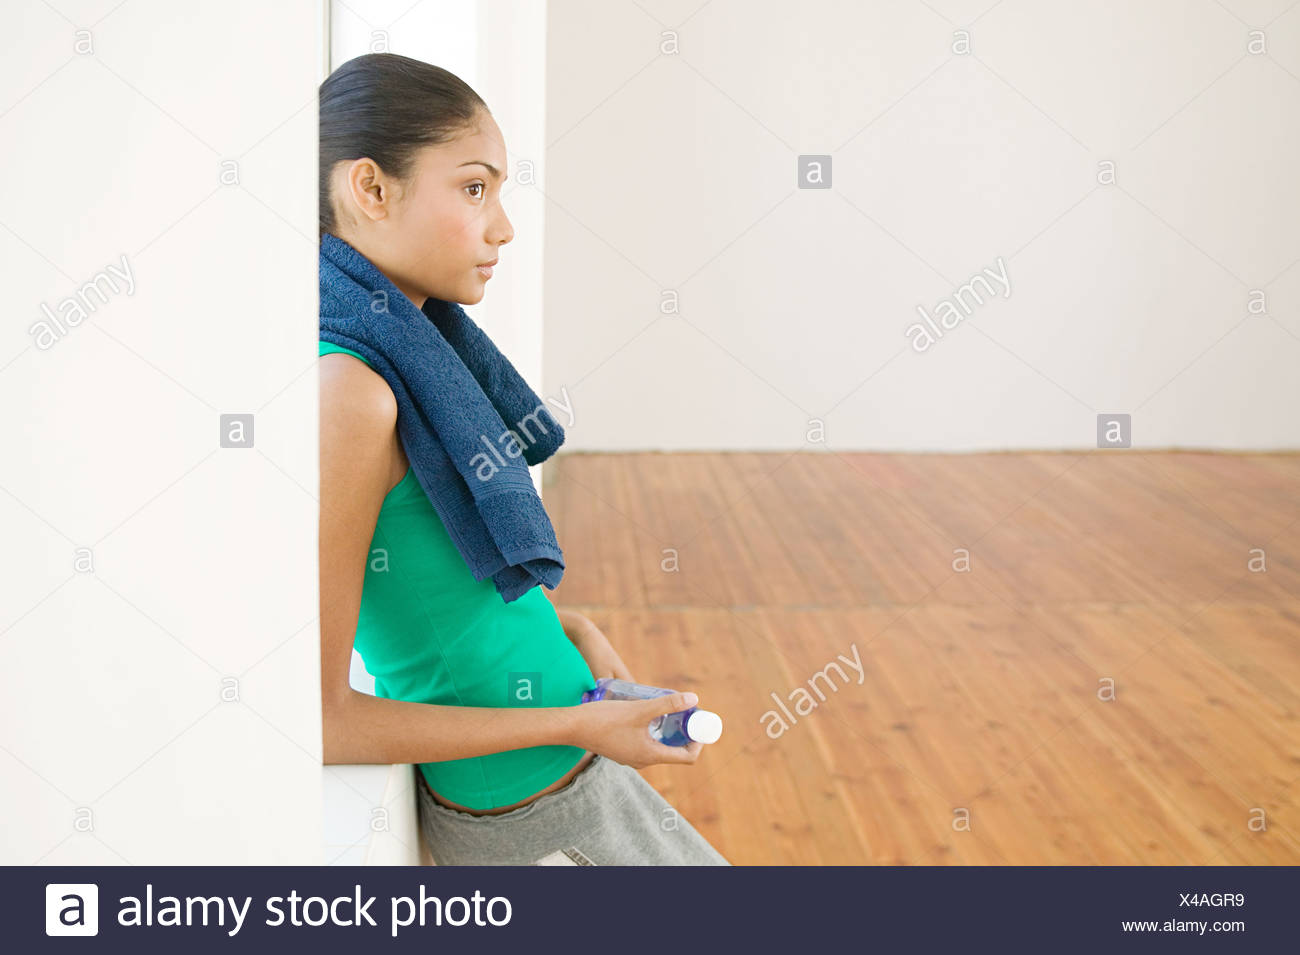 Perfil de una mujer tomando un descanso Imagen De Stock